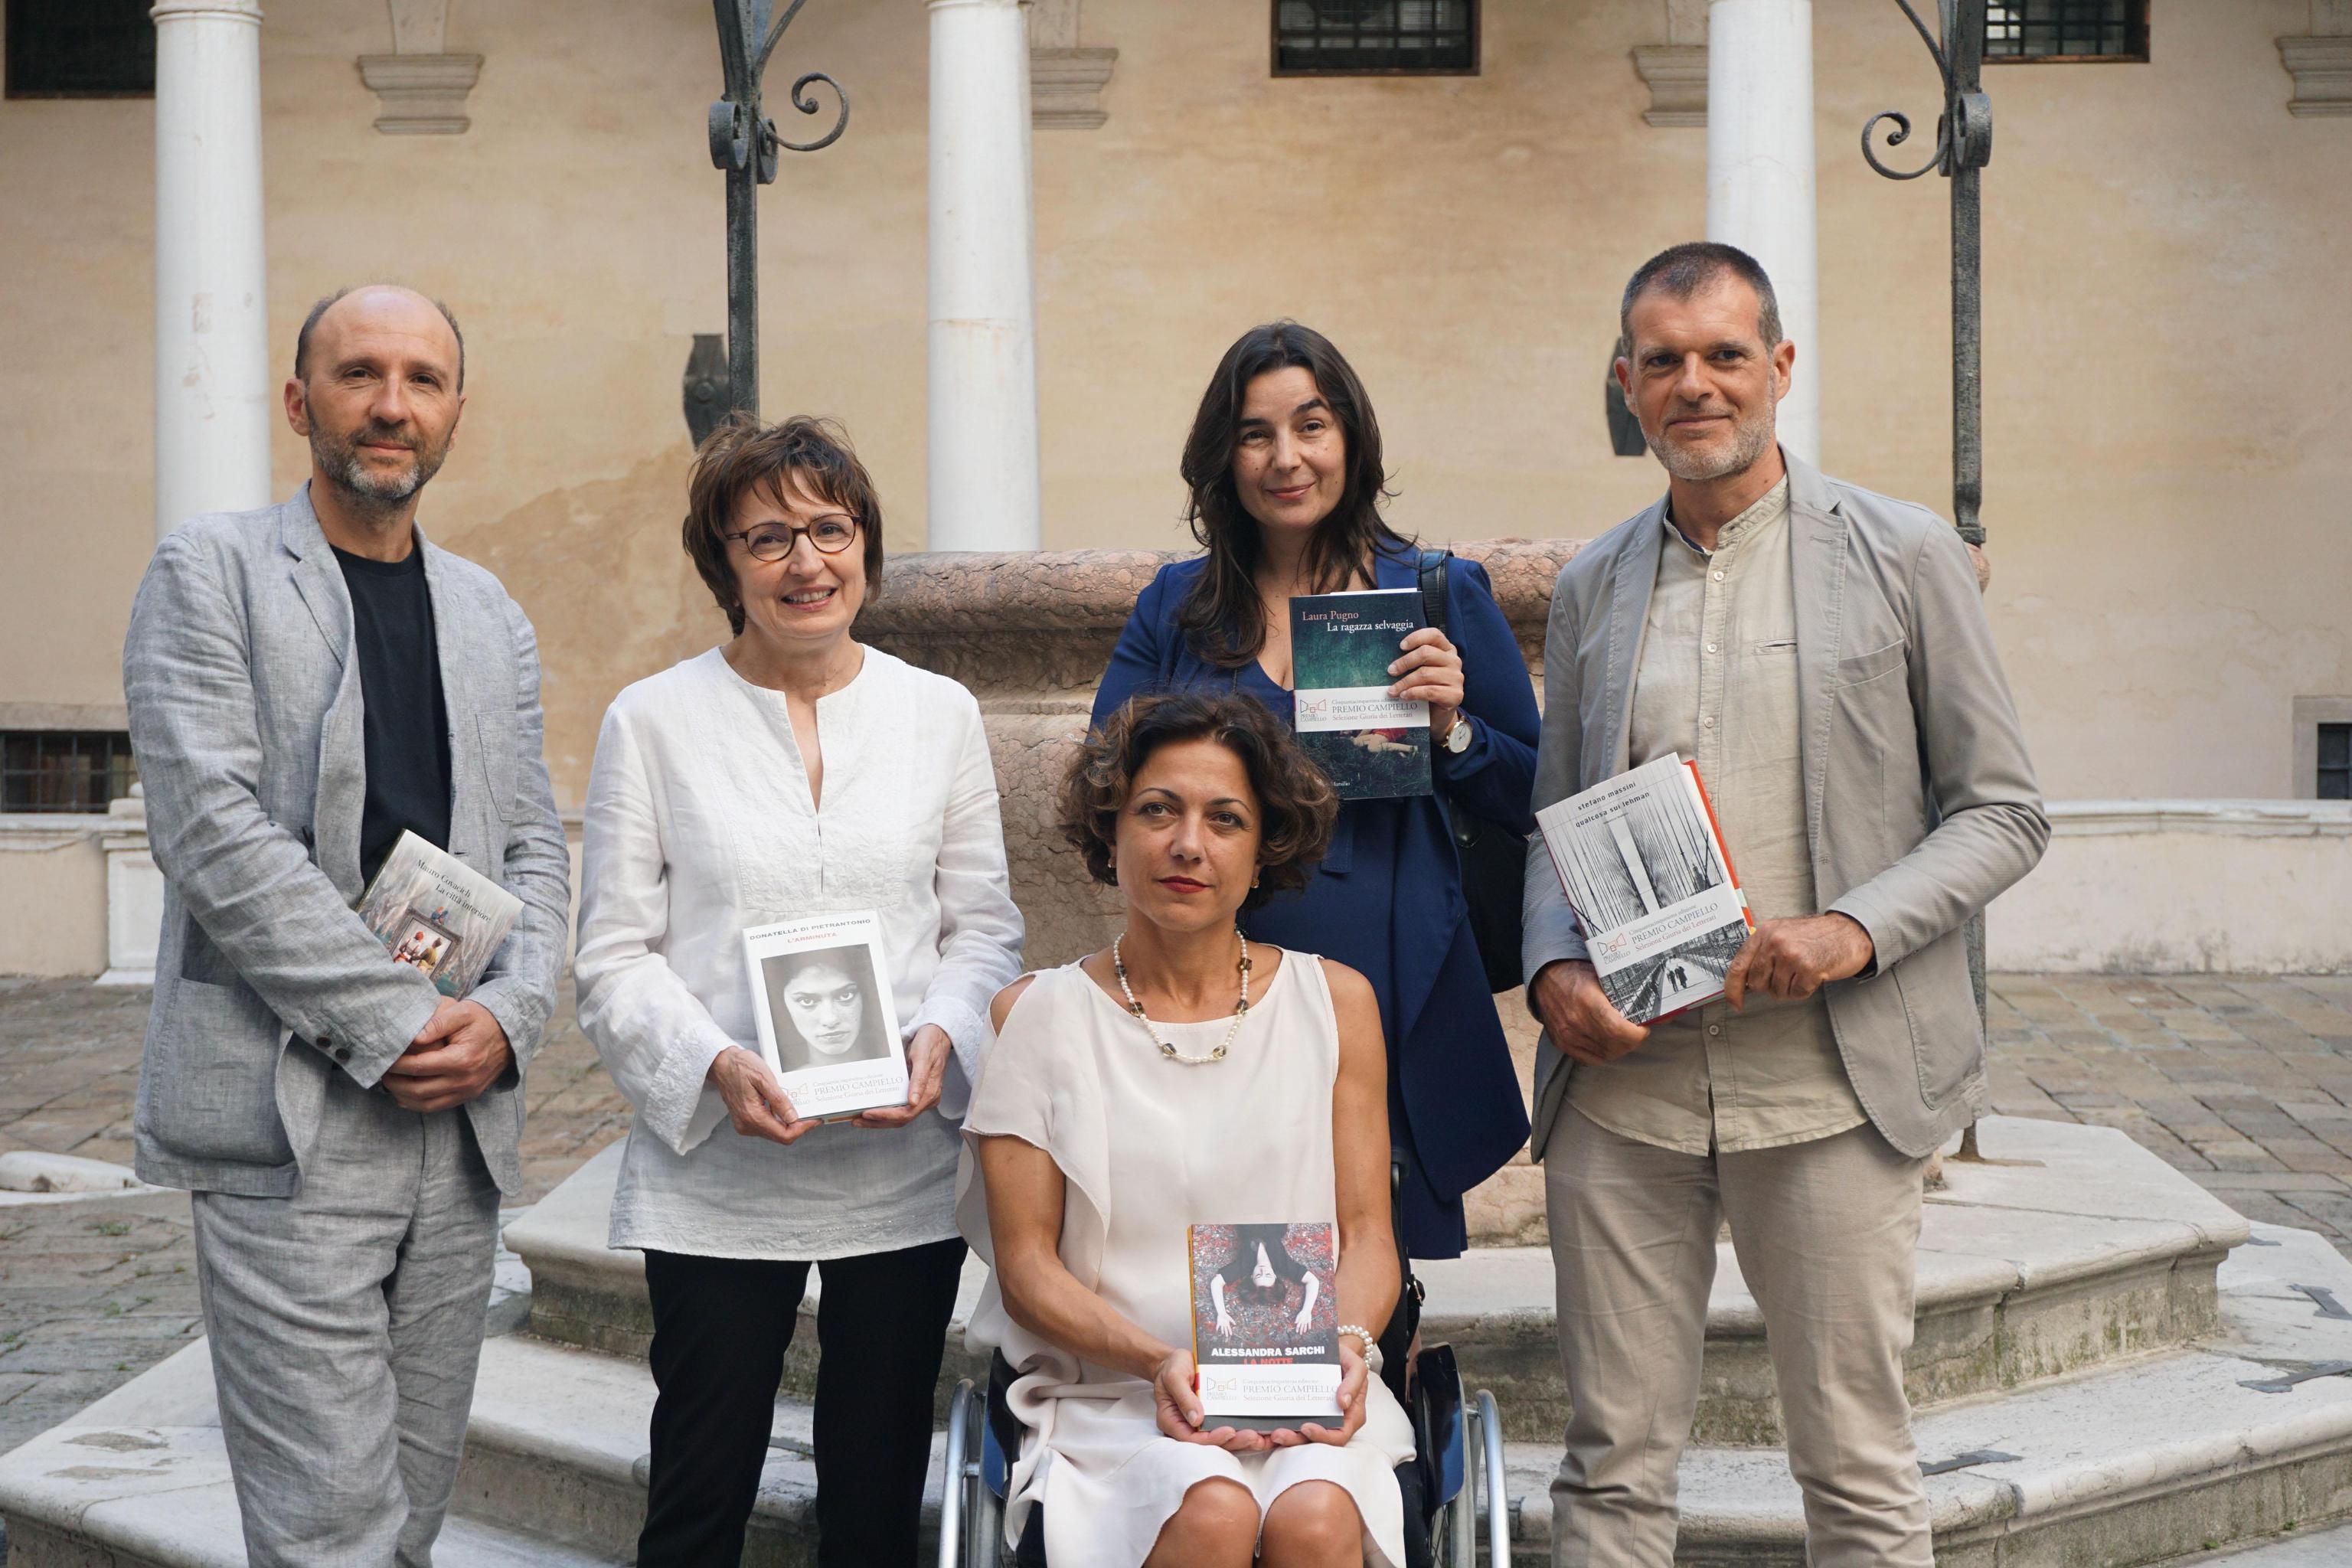 Premio Campiello 2017, vince Donatella Di Pietrantonio